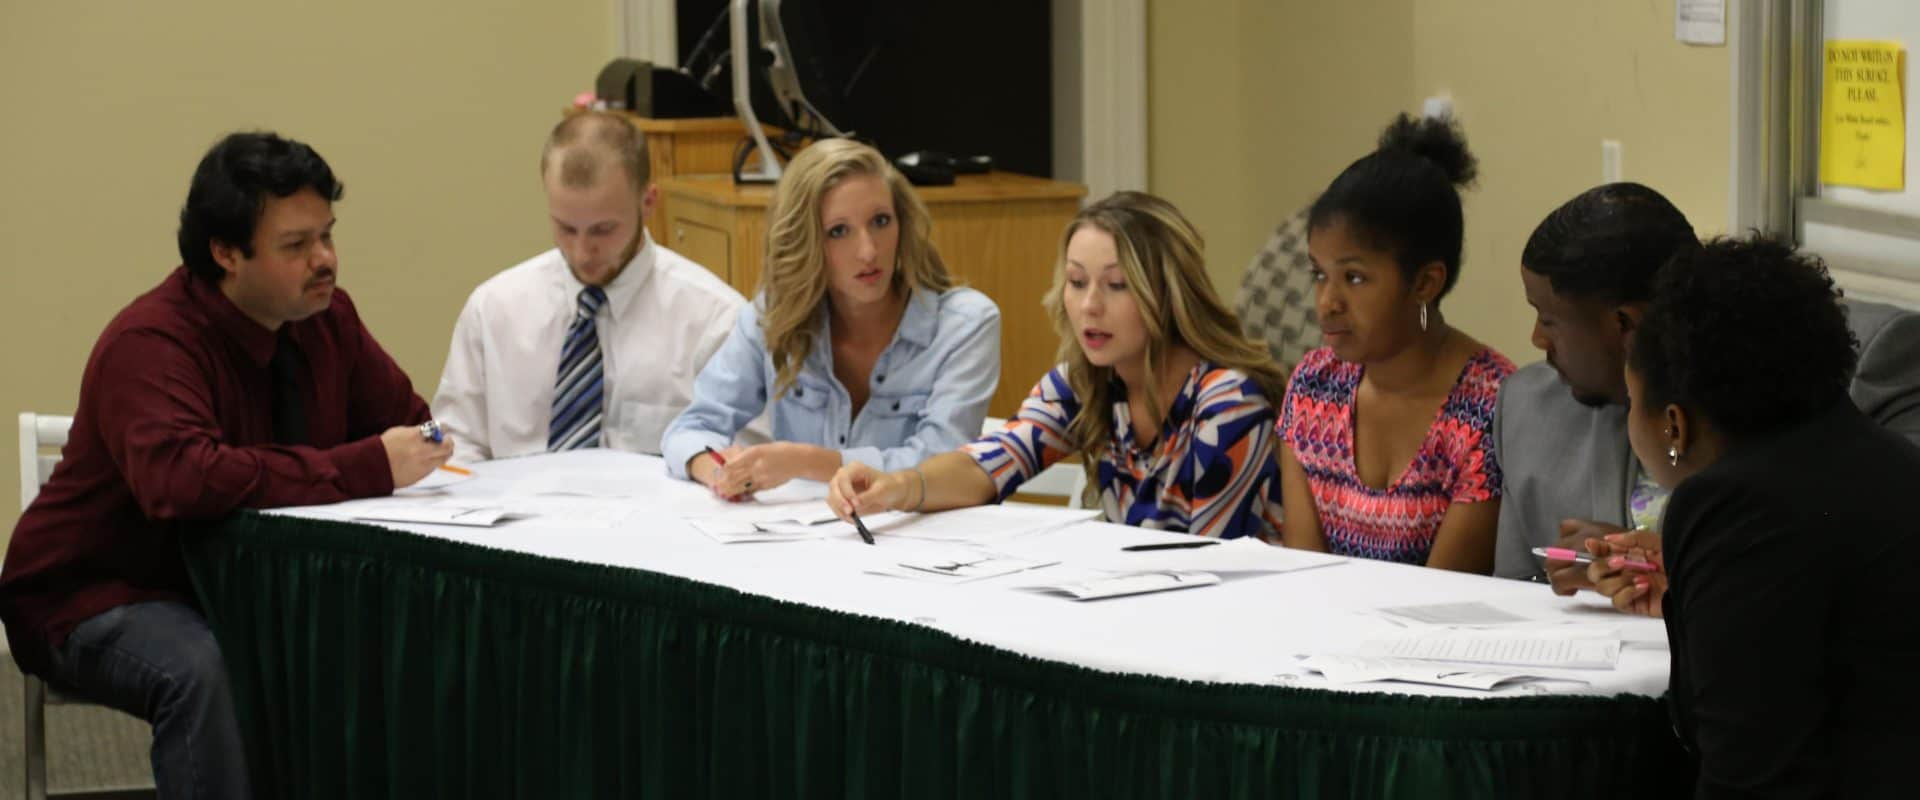 Students in a debate at WPU Academic Showcase.